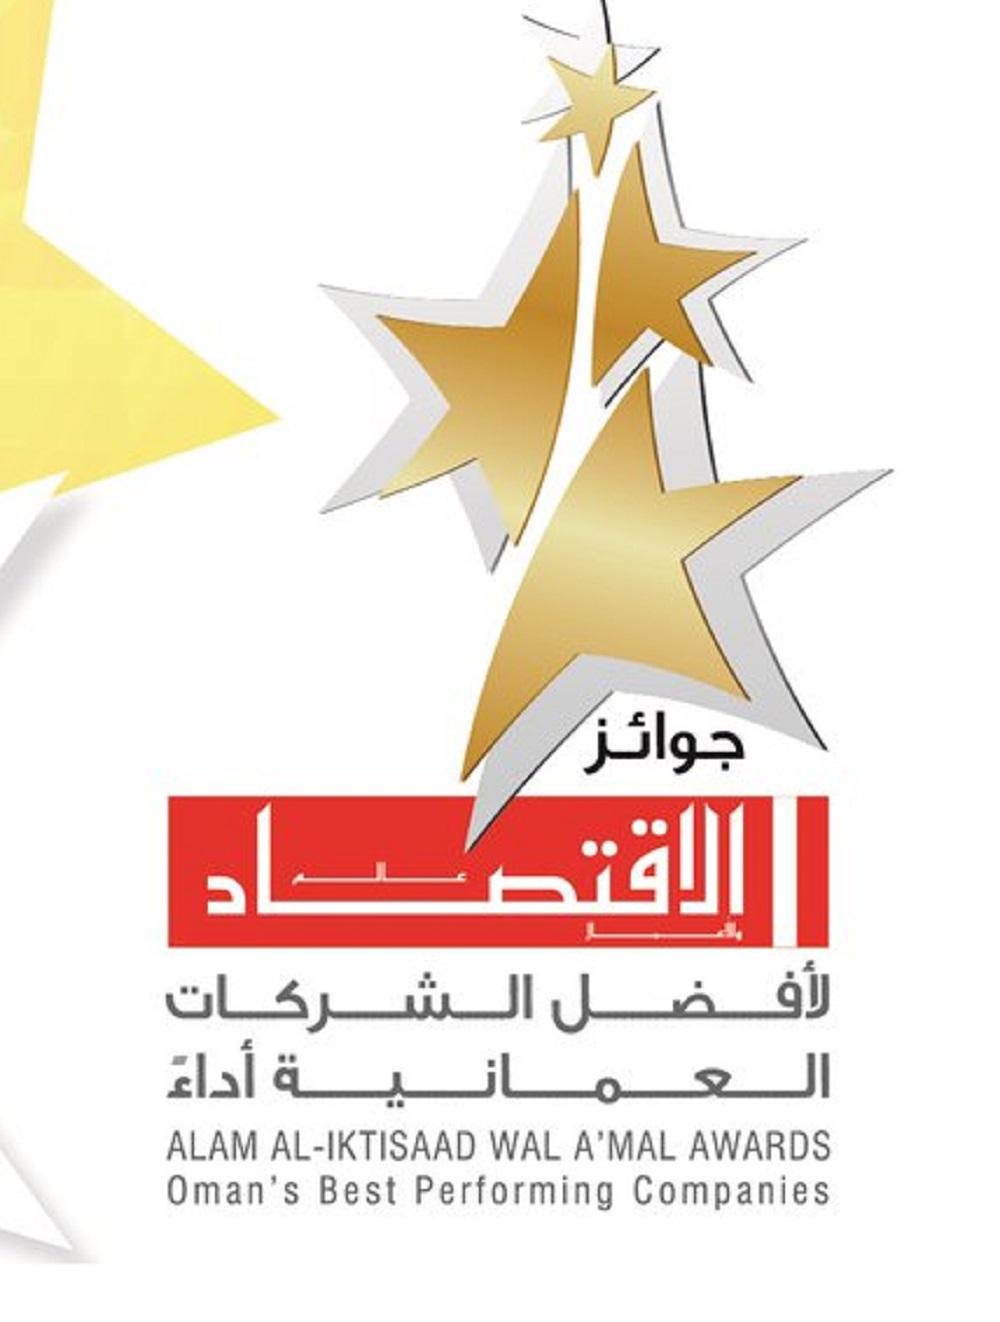 10 سبتمبر .. الاحتفال بتكريم أفضل الشركات العمانية أداء